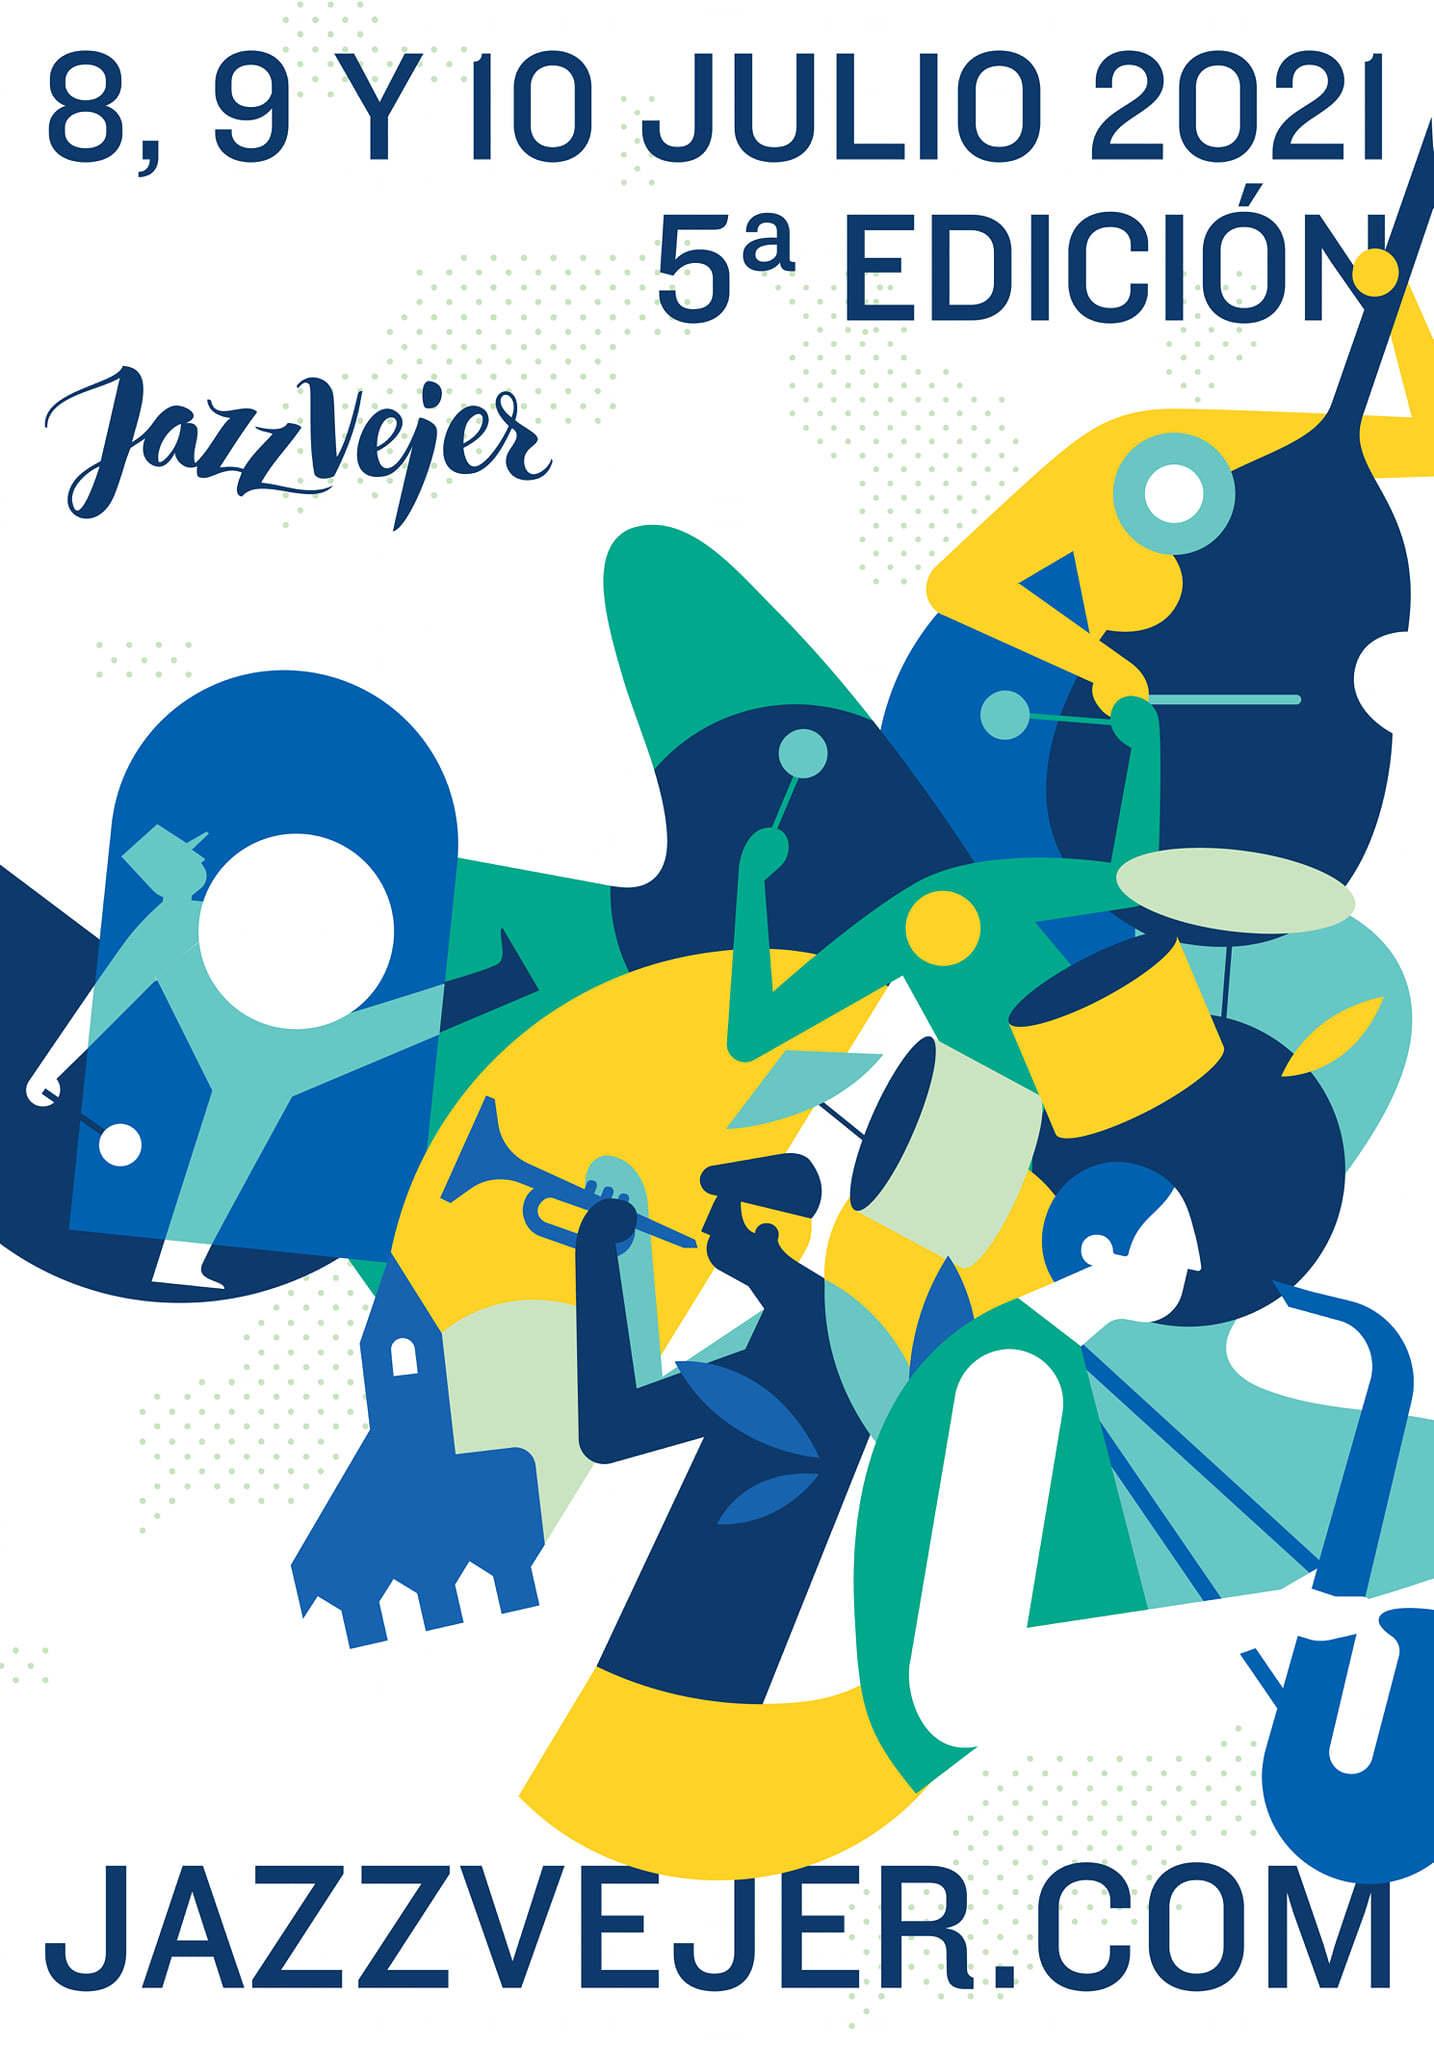 jazz vejer 2021